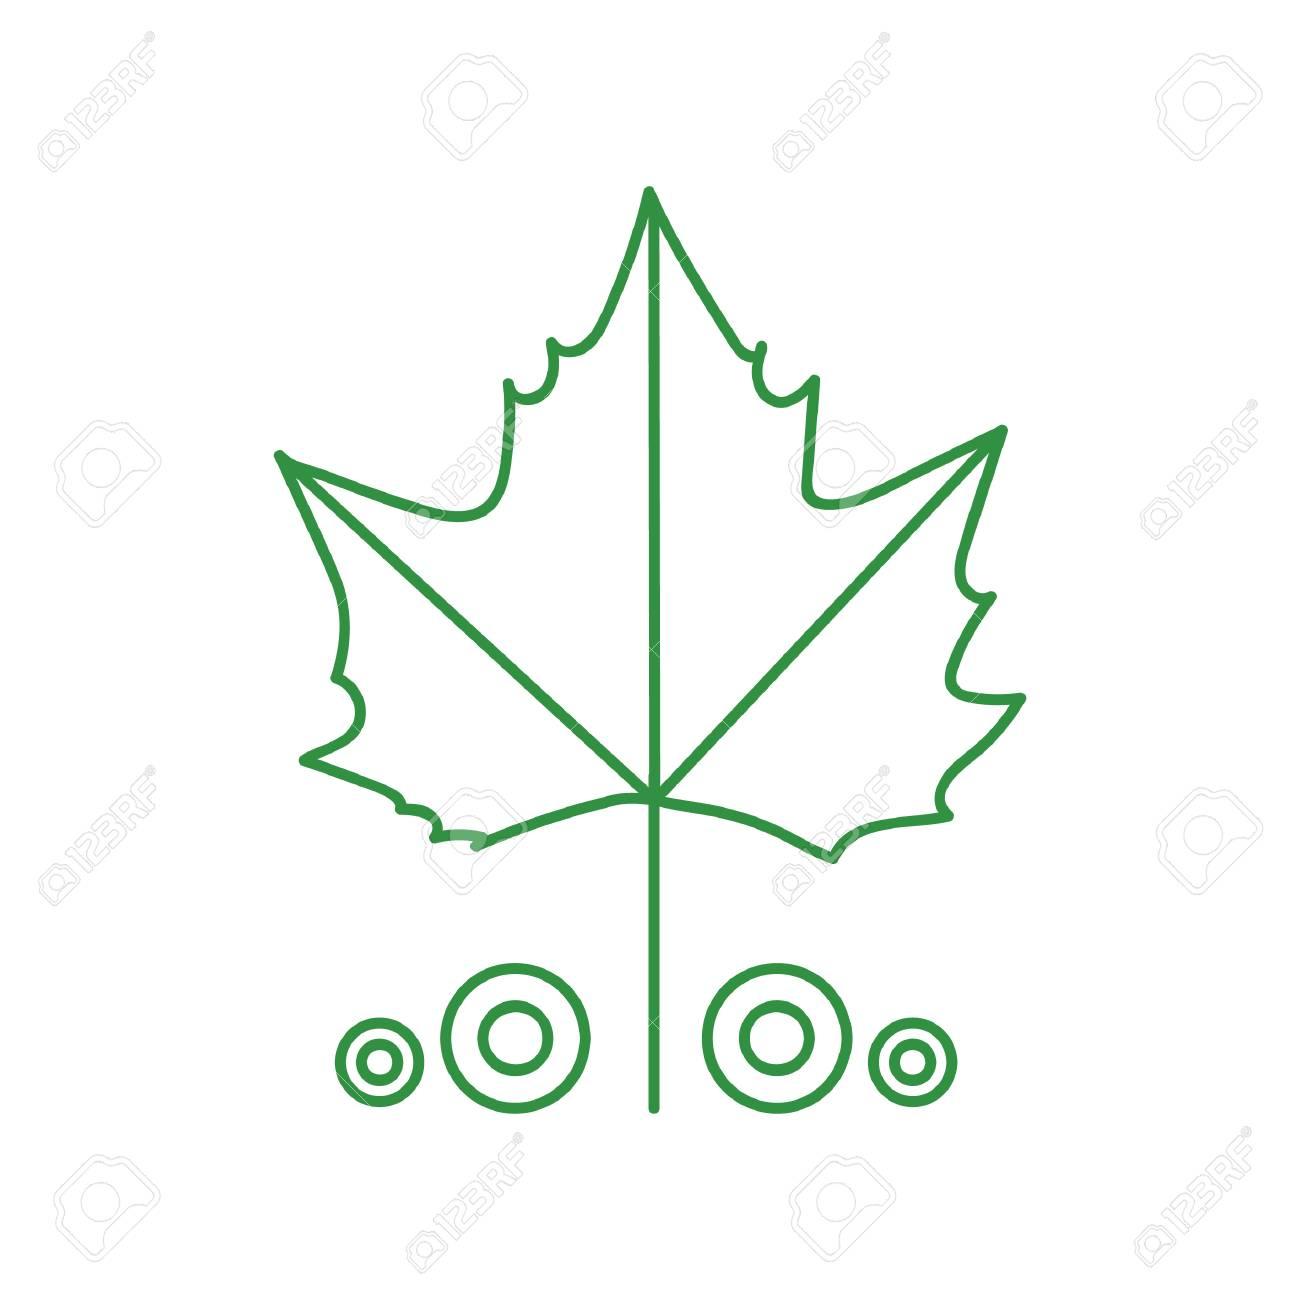 leaf - 81535411